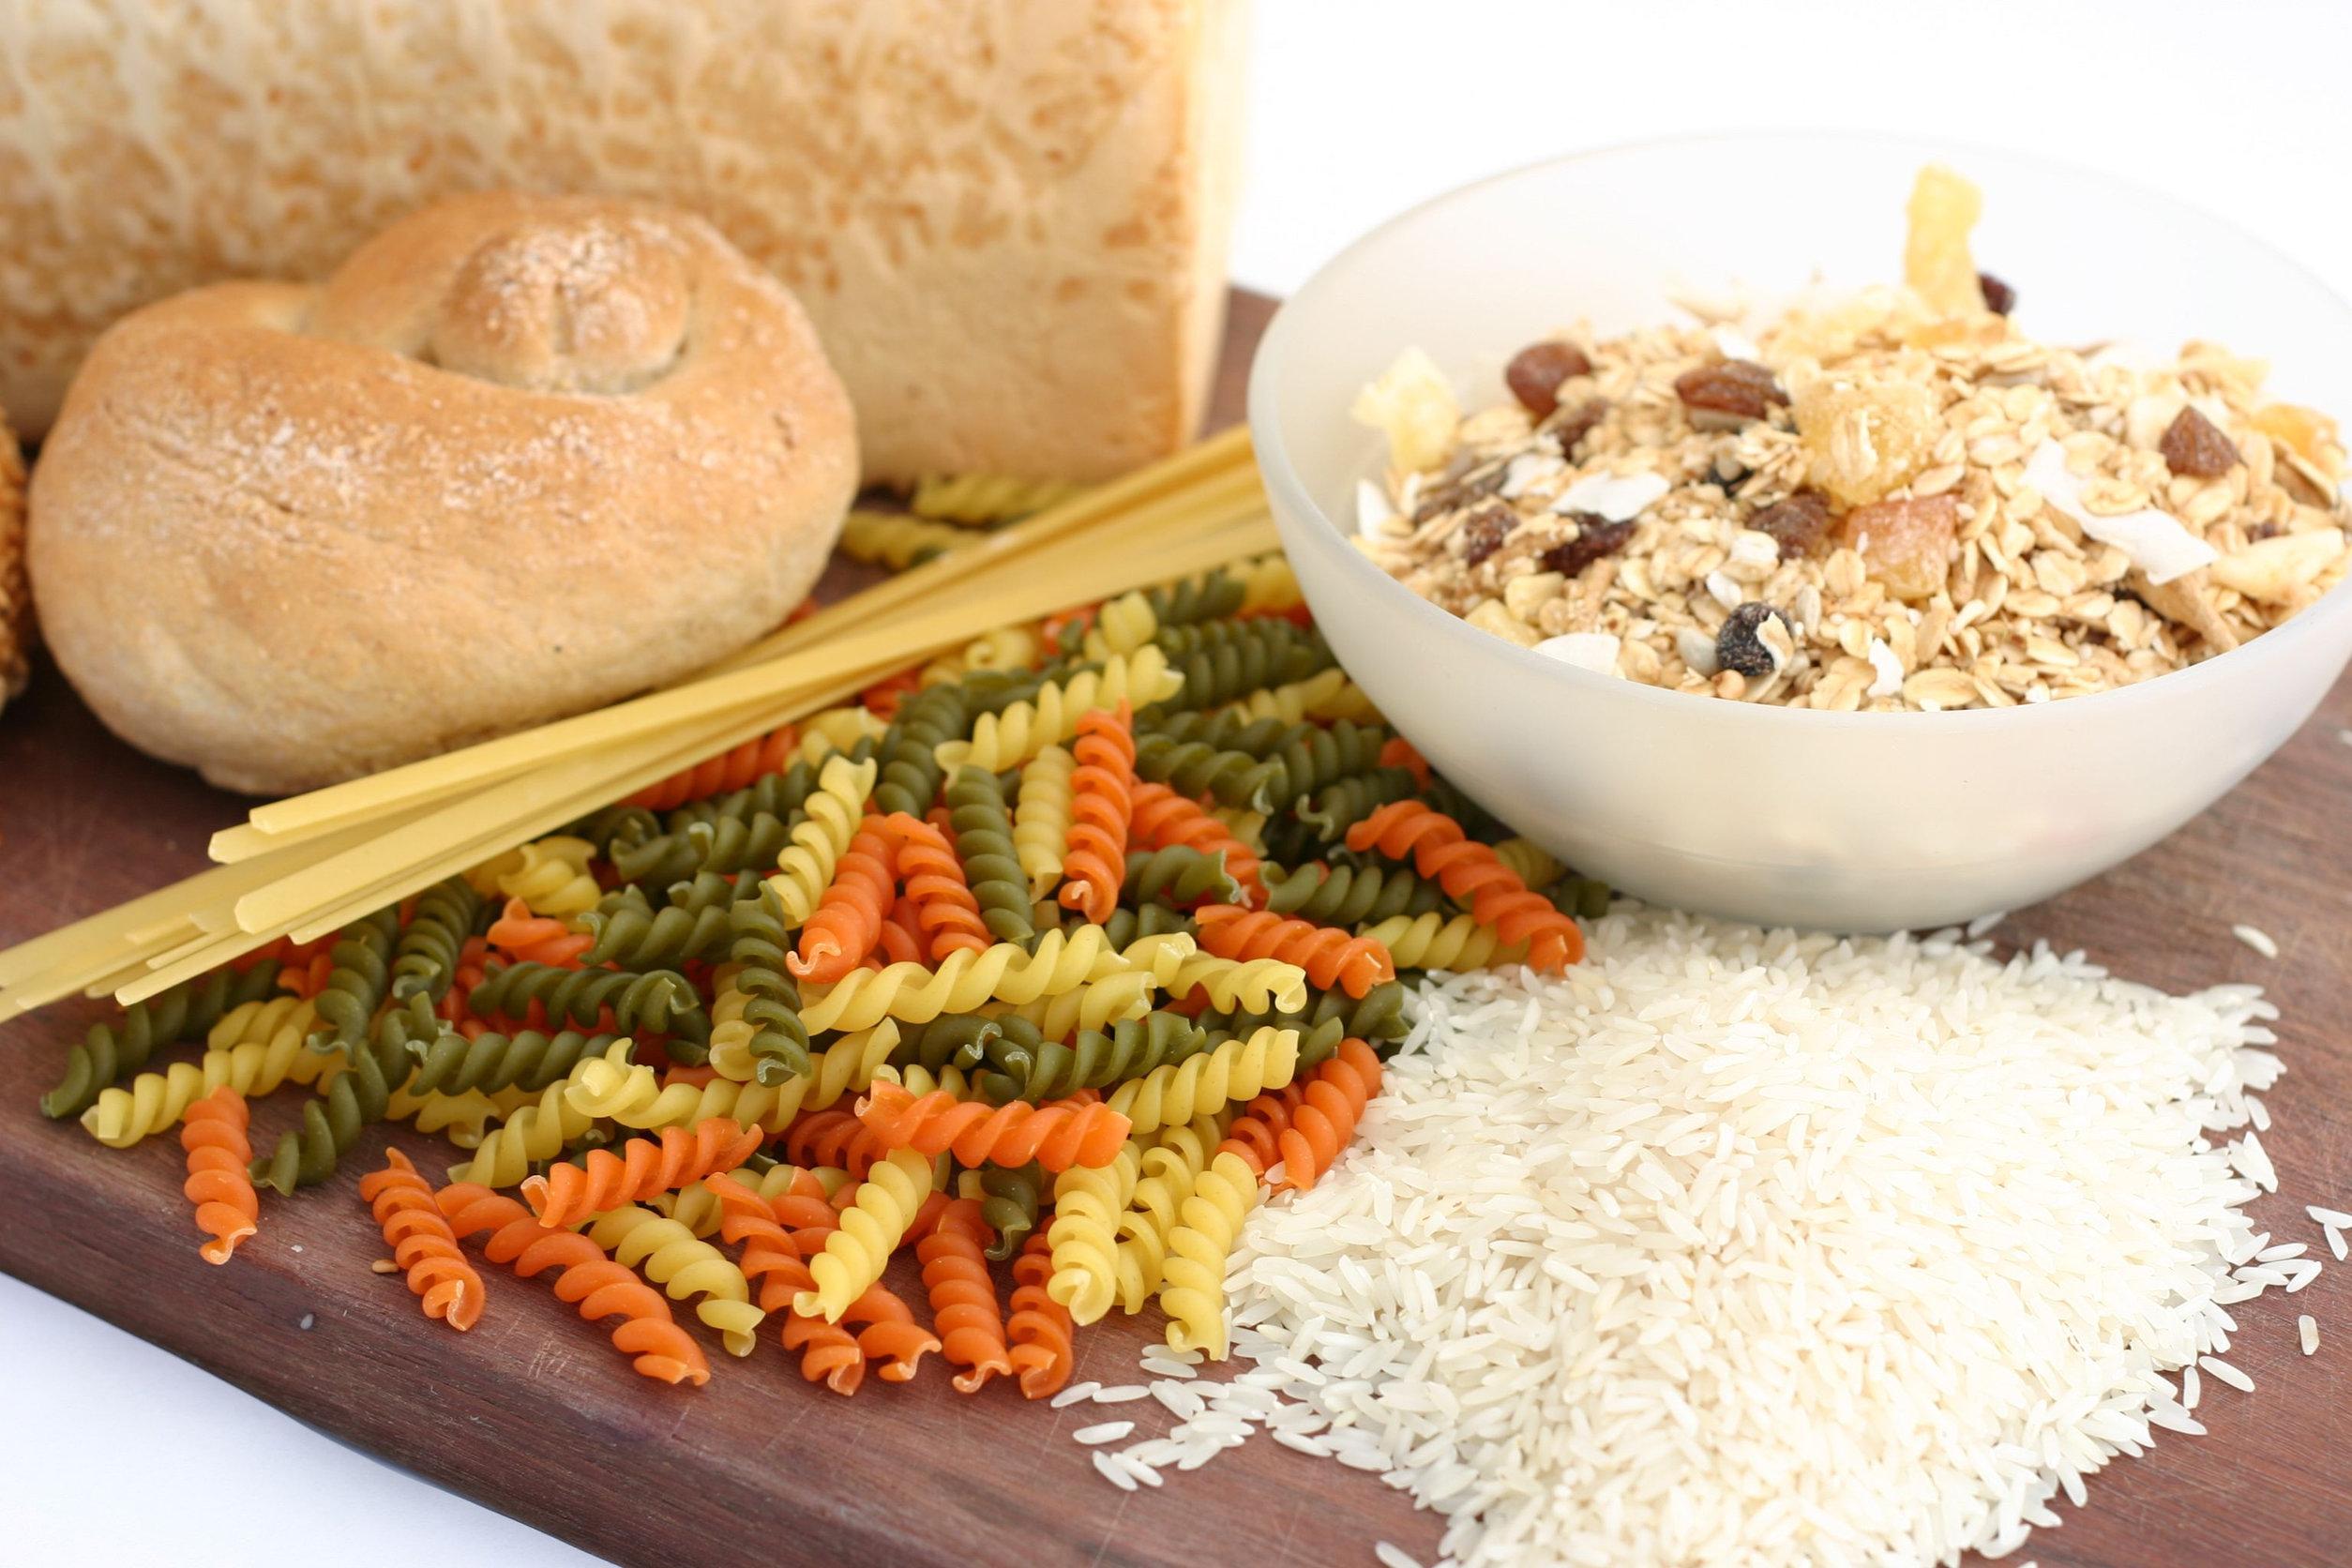 Meglio il riso o la pasta? Una scelta di gusto e salute